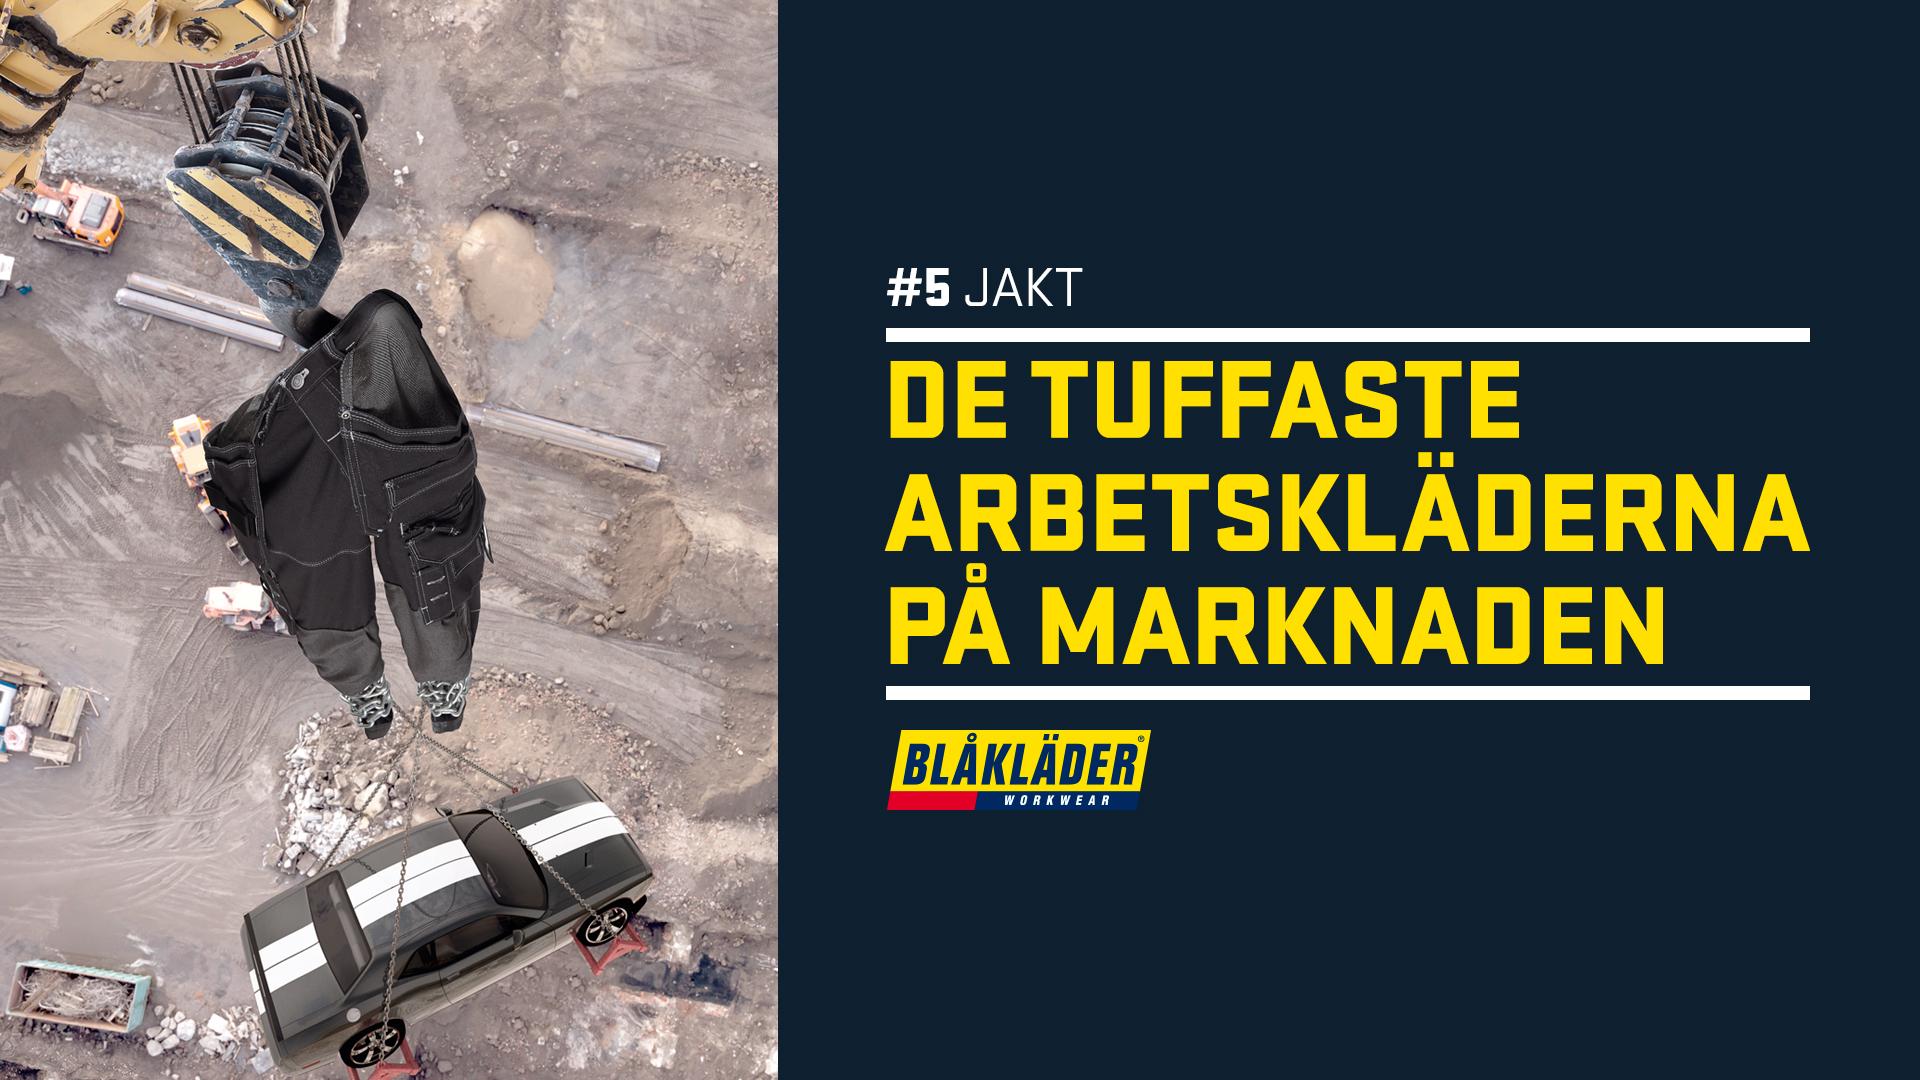 b59b54cc502 OM BLÅKLÄDER HÖLL PÅ MED JAKT.. - Blåkläder